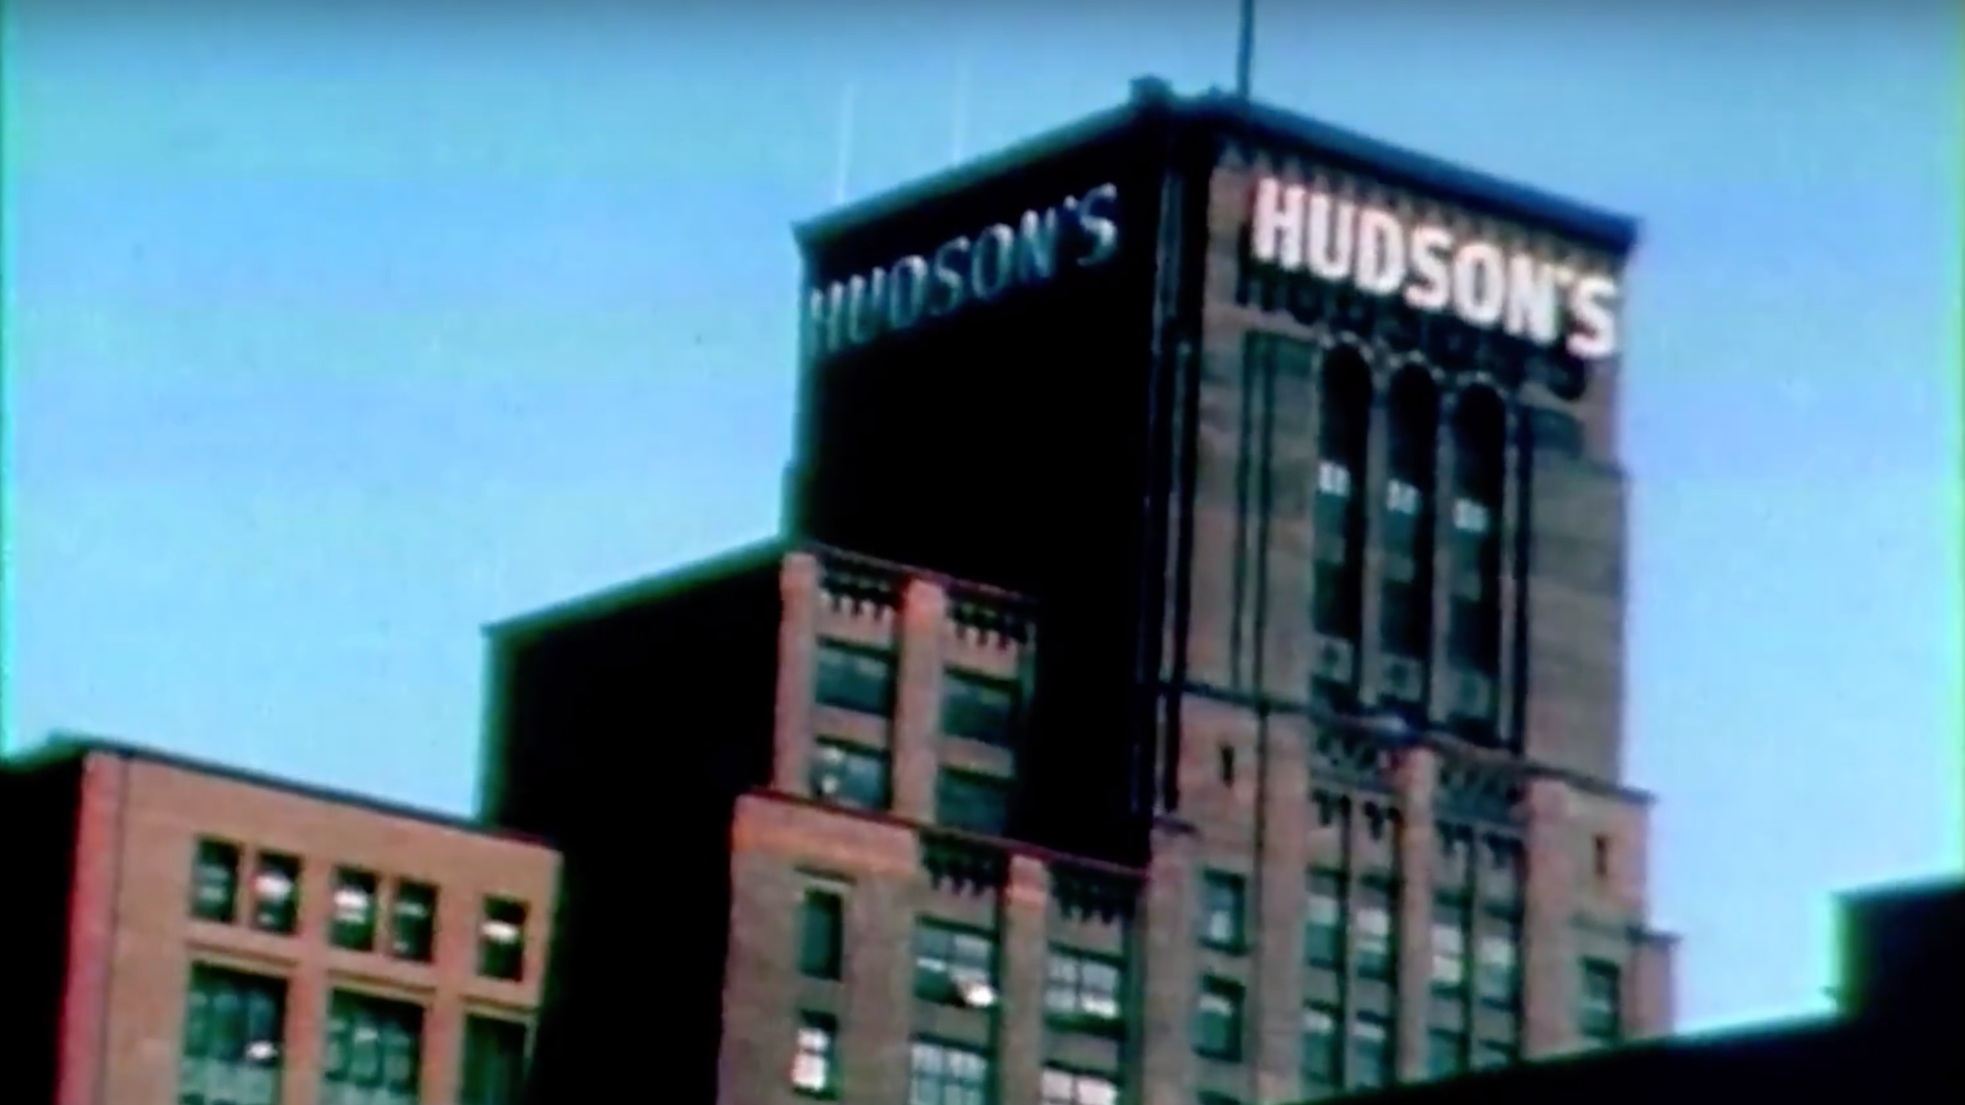 HUDSON'S DETROIT GROUNDBREAKING